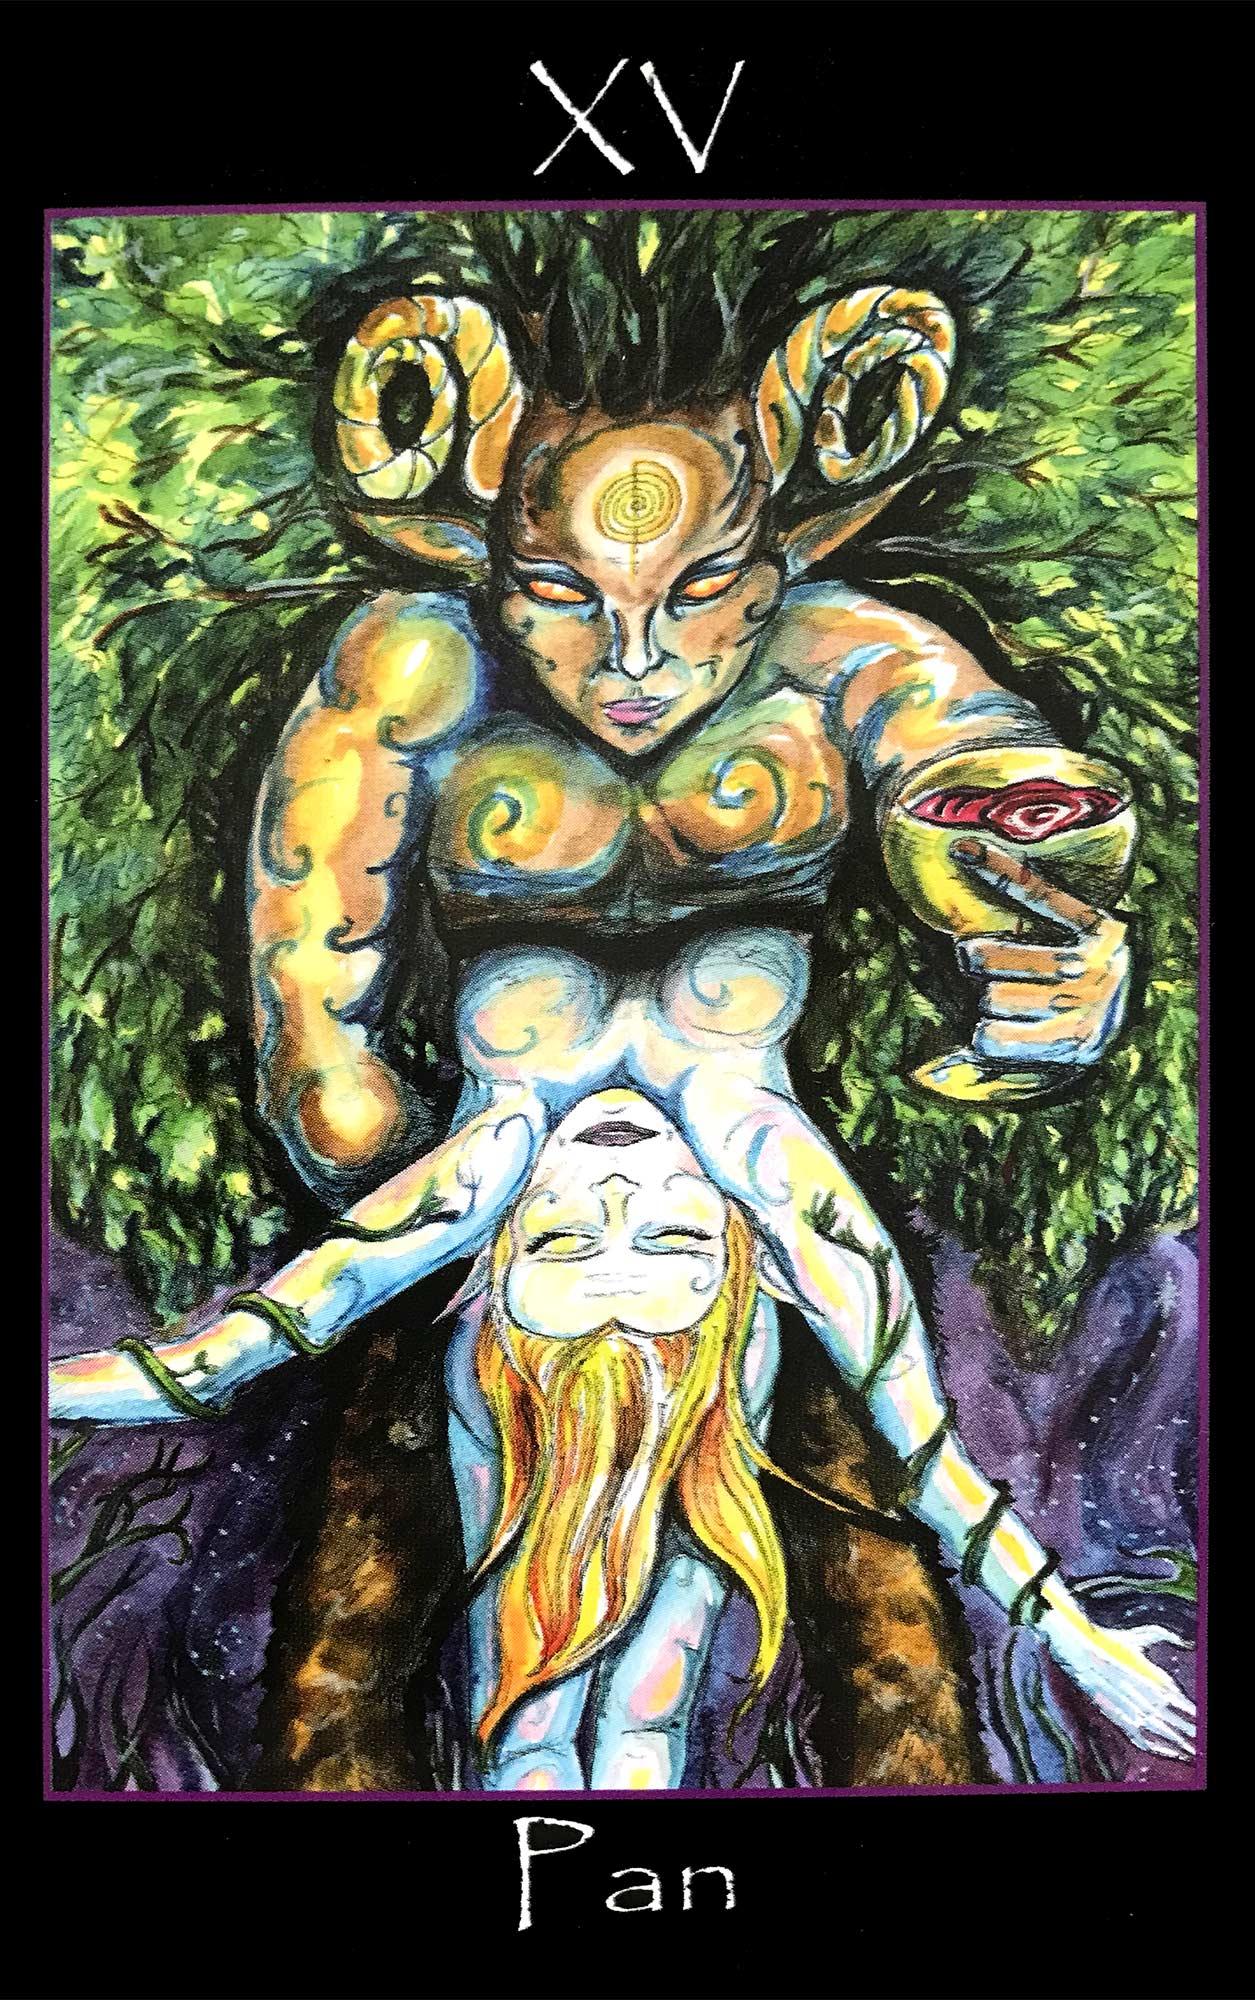 Tarot of the Sidhe - Pan, The Devil